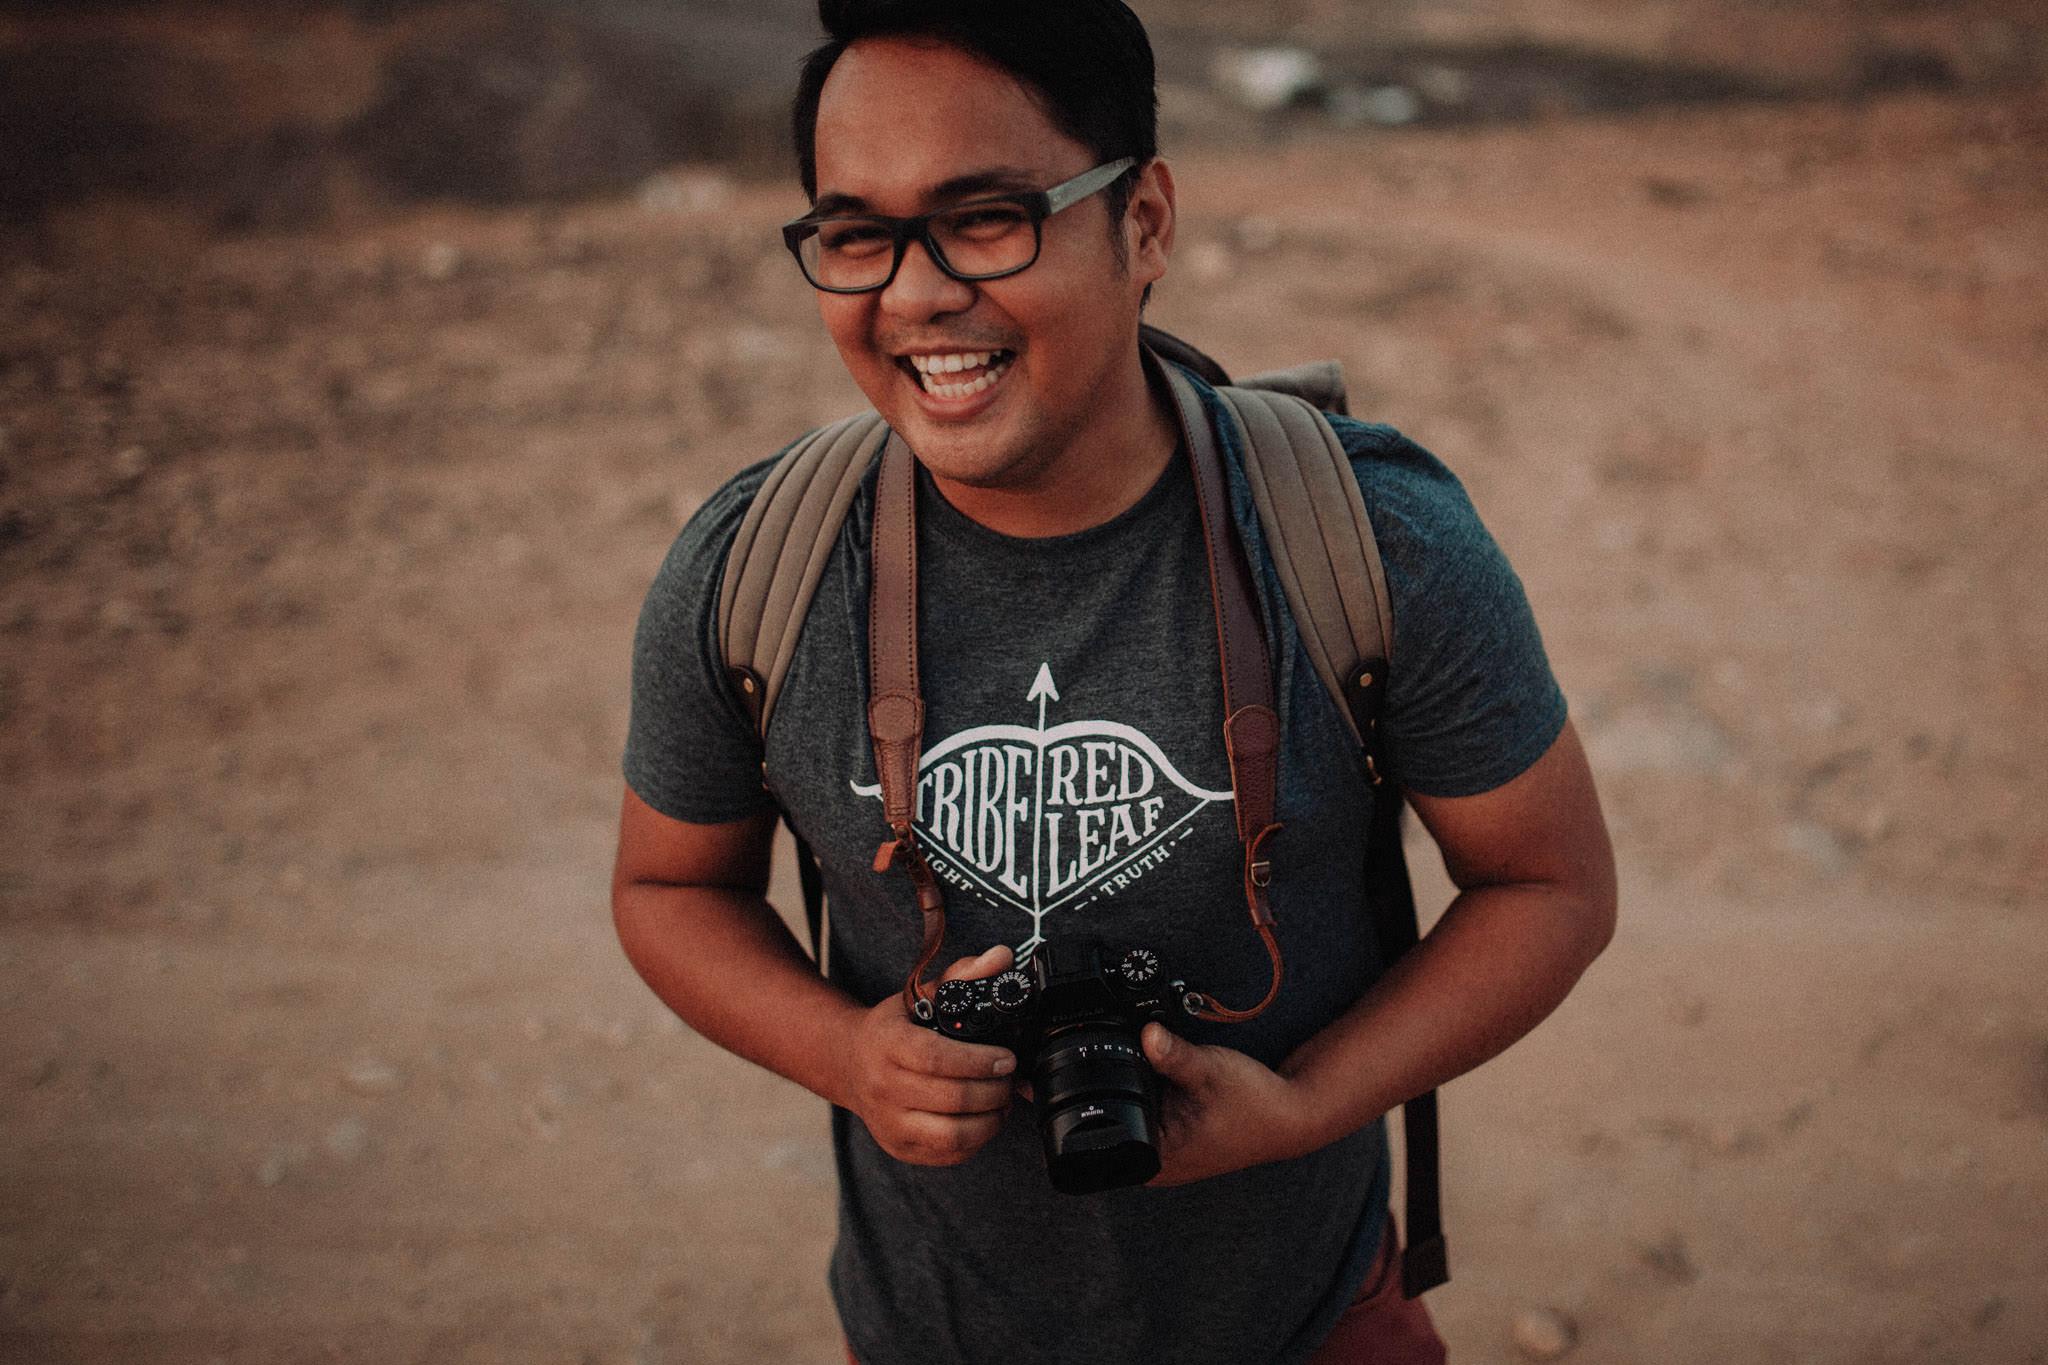 fotografo-boda-las-palmas-gran-canaria-8